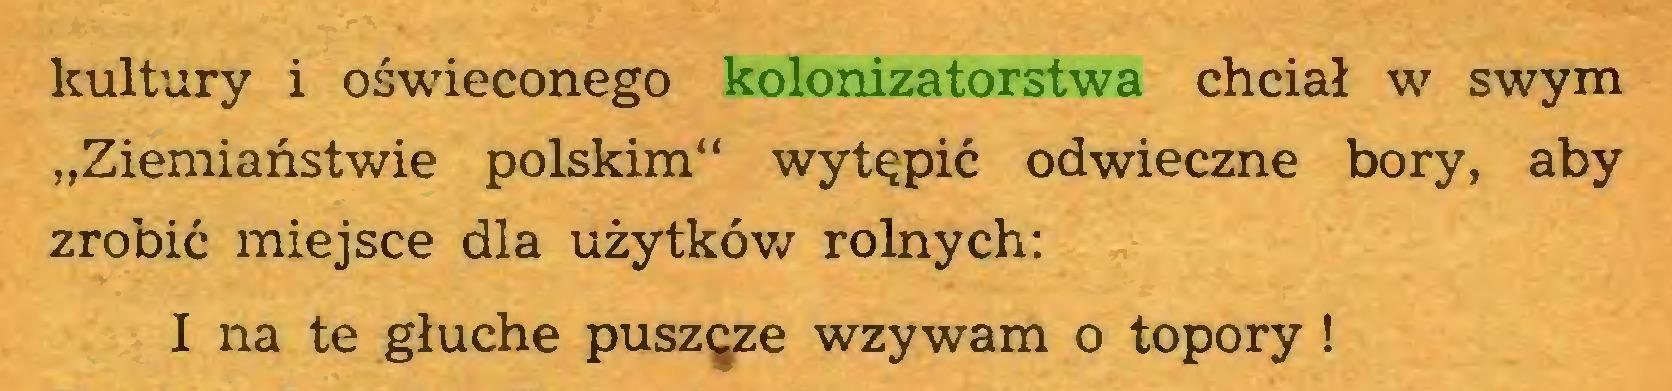 """(...) kultury i oświeconego kolonizatorstwa chciał w swym """"Ziemiaństwie polskim"""" wytępić odwieczne bory, aby zrobić miejsce dla użytków rolnych: I na te głuche puszęze wzywam o topory !..."""